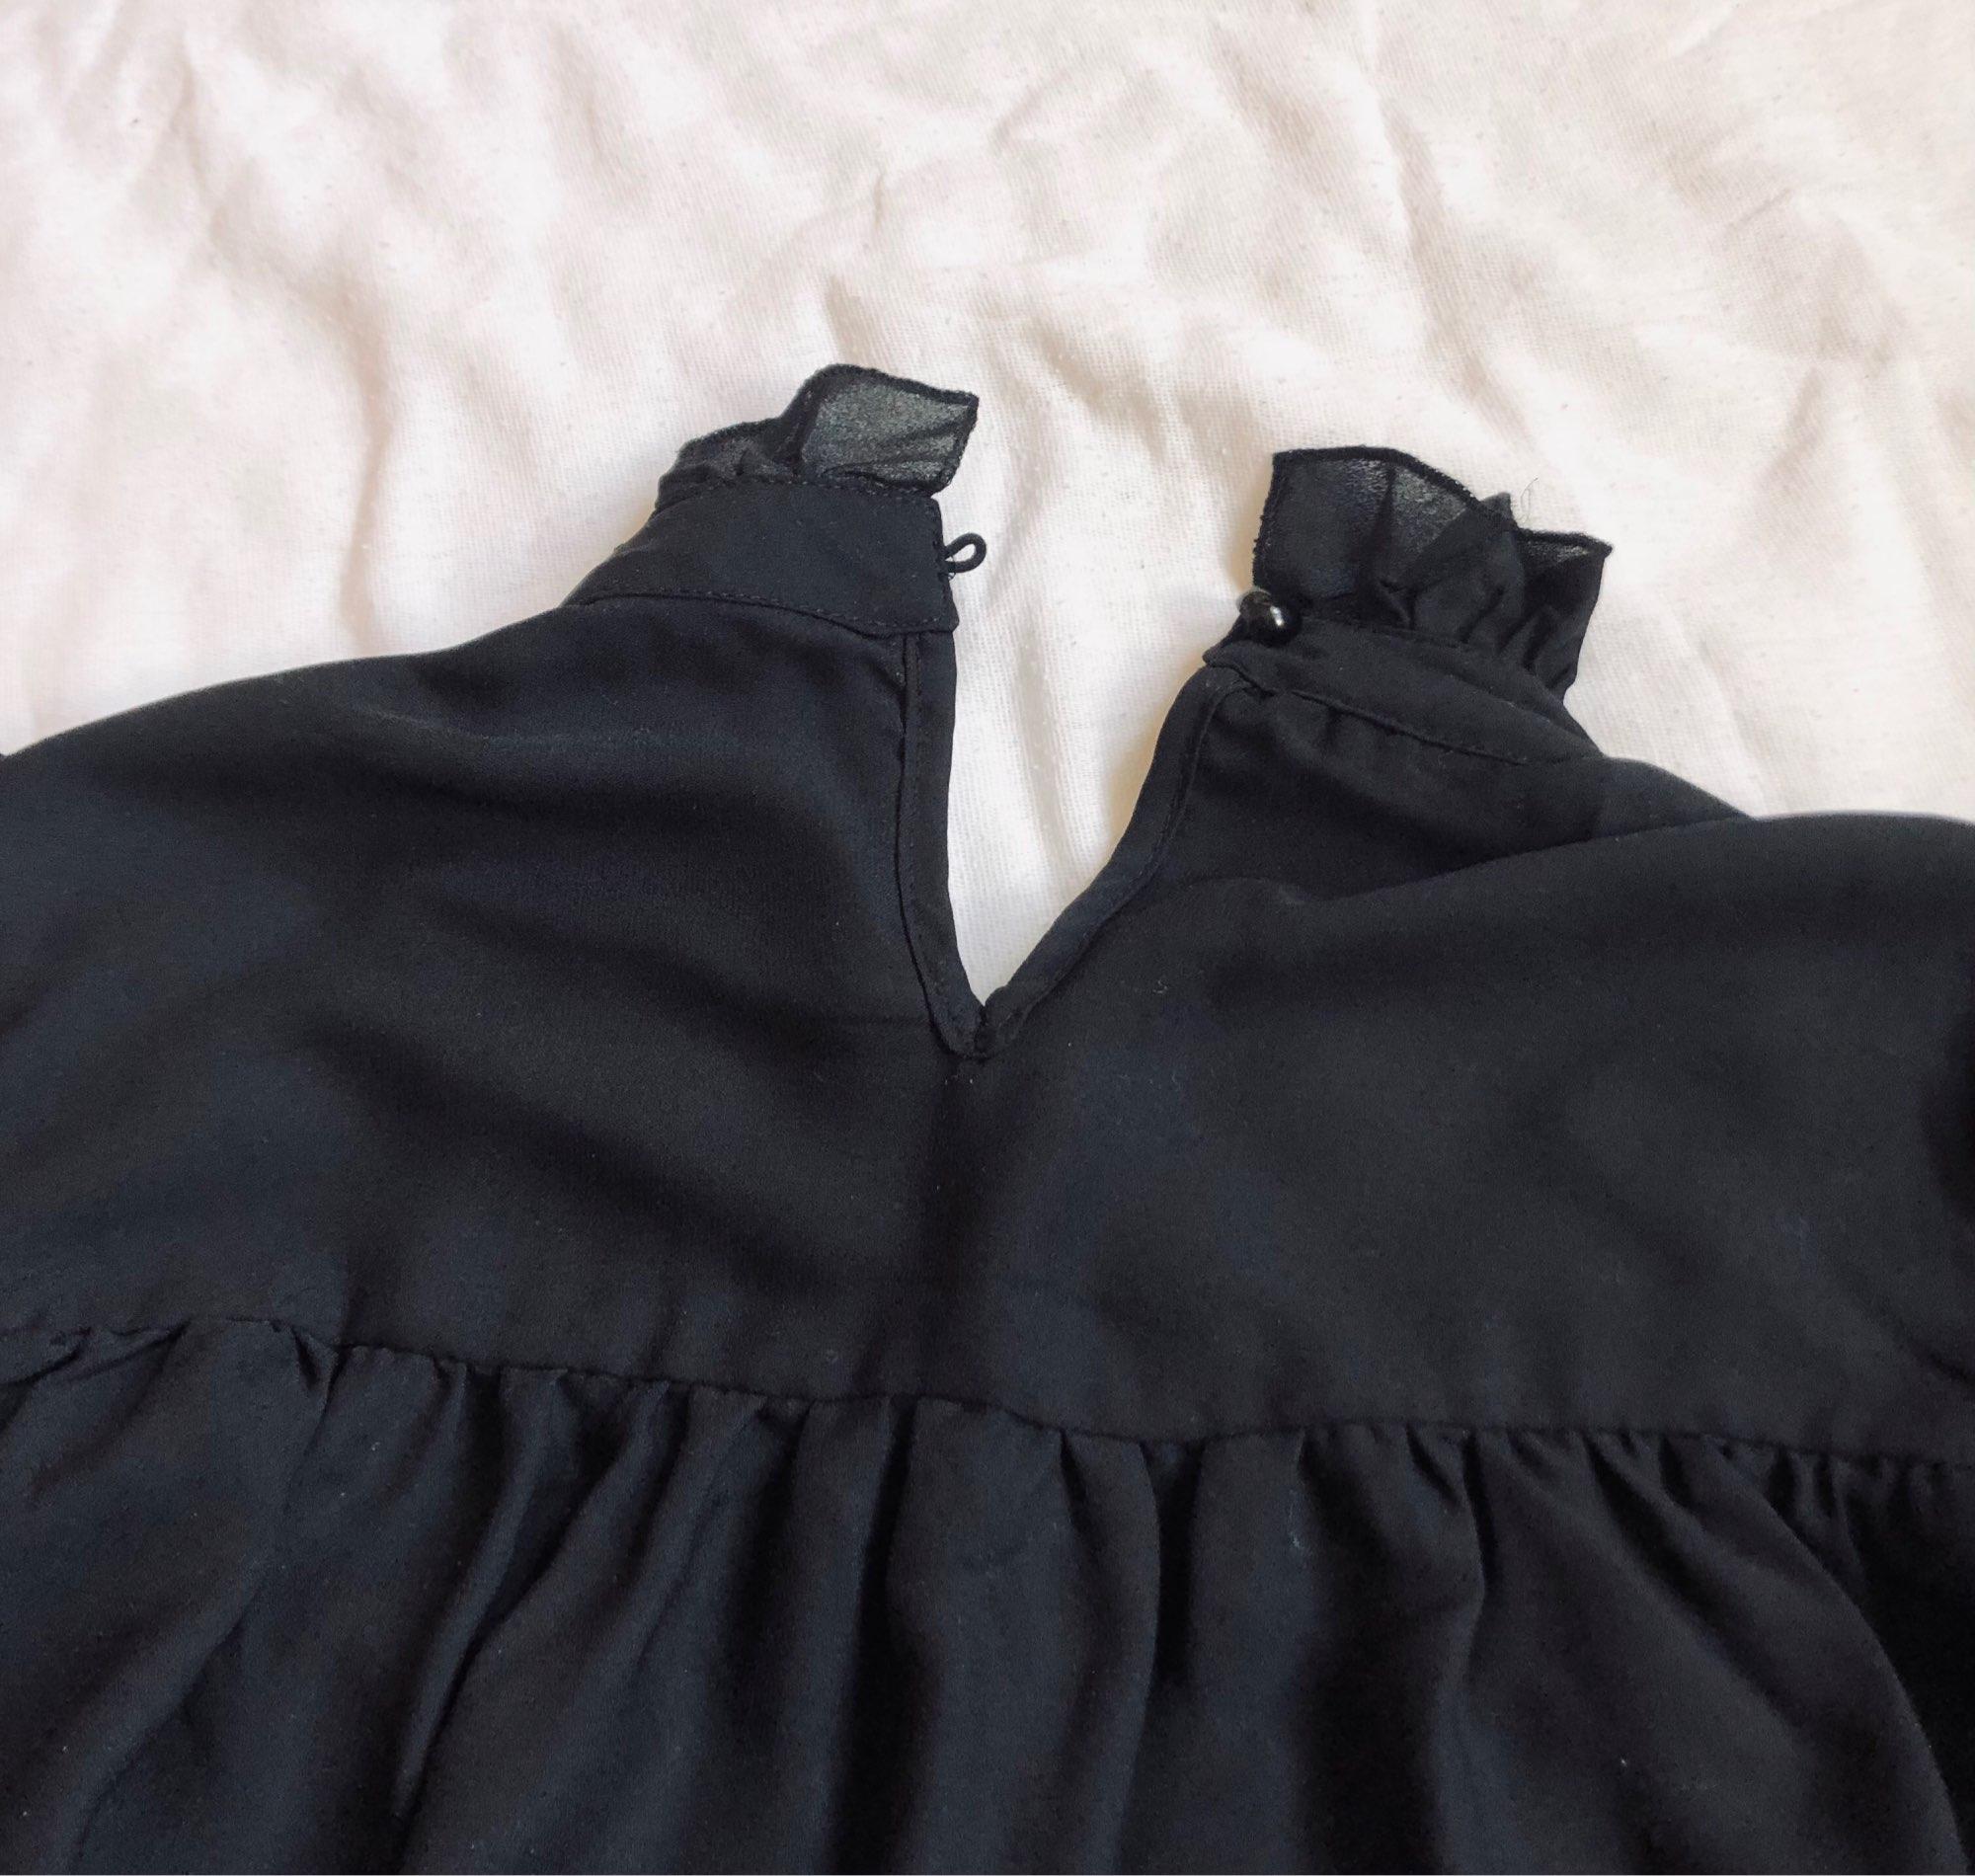 Hot 2019 autumn new fashion women's temperament commuter puff sleeve small high collar natural A word knee Chiffon dress reviews №4 510444